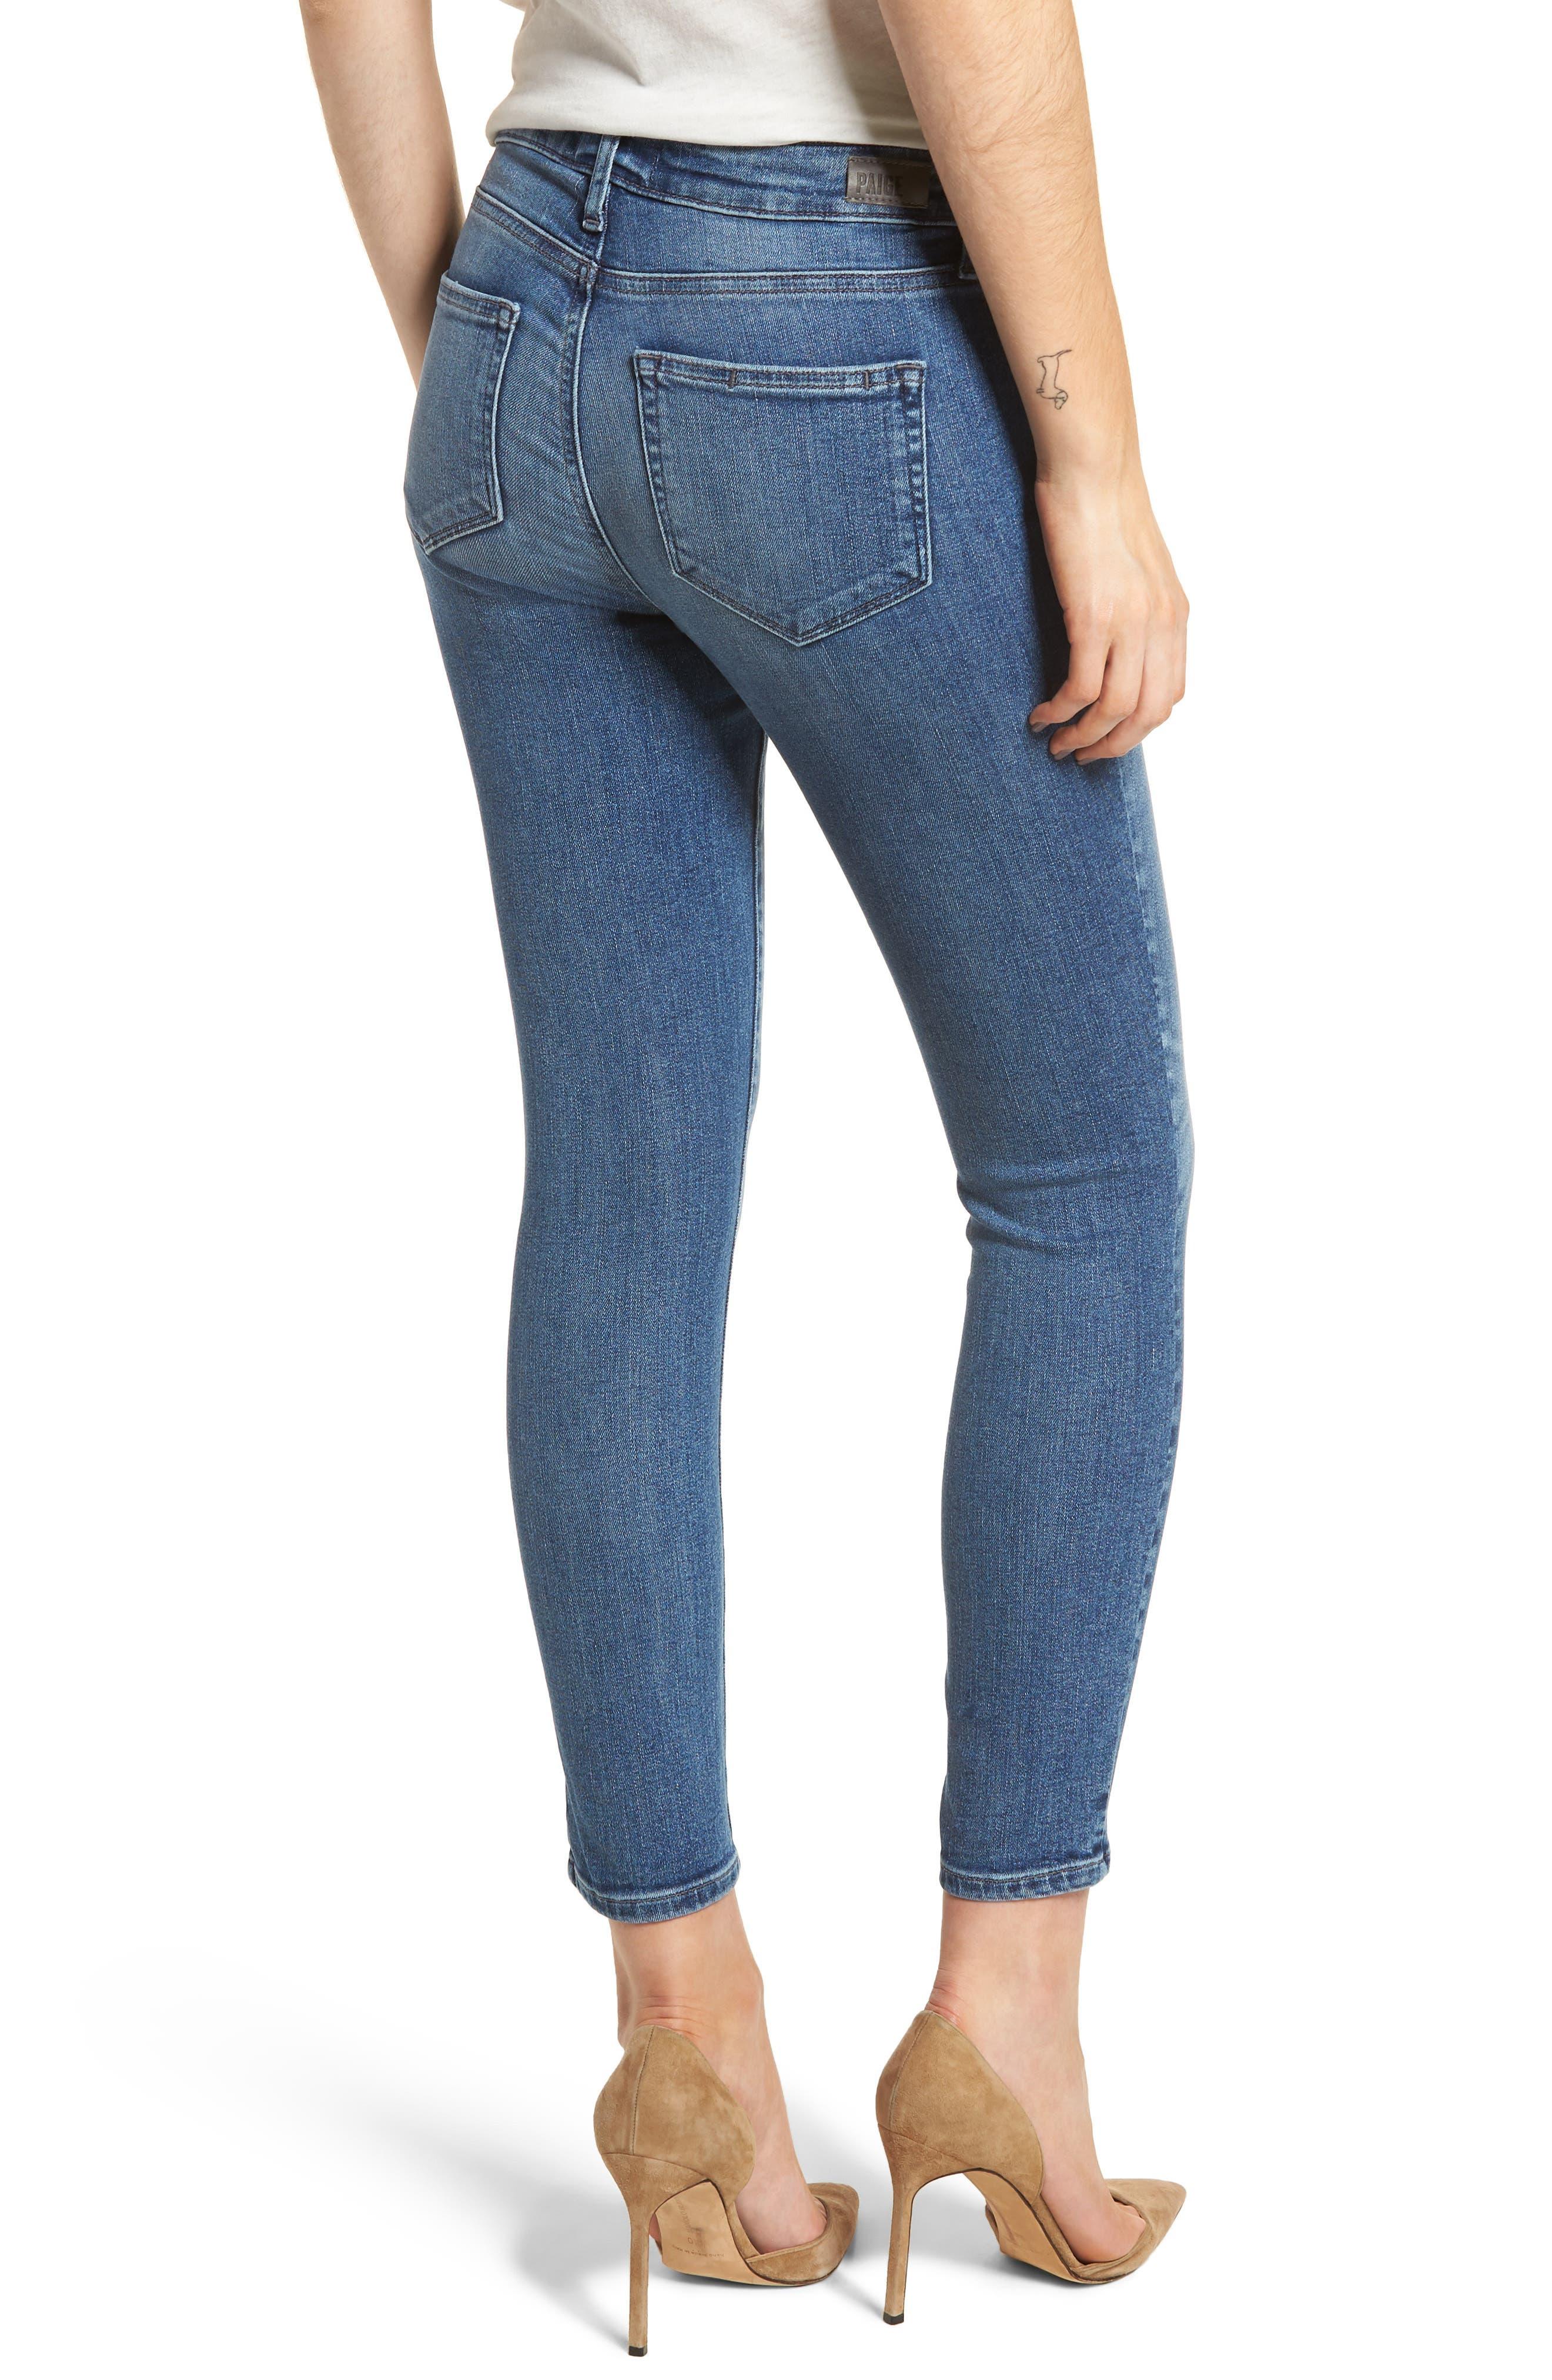 Transcend Vintage - Verdugo Crop Ultra Skinny Jeans,                             Alternate thumbnail 2, color,                             400